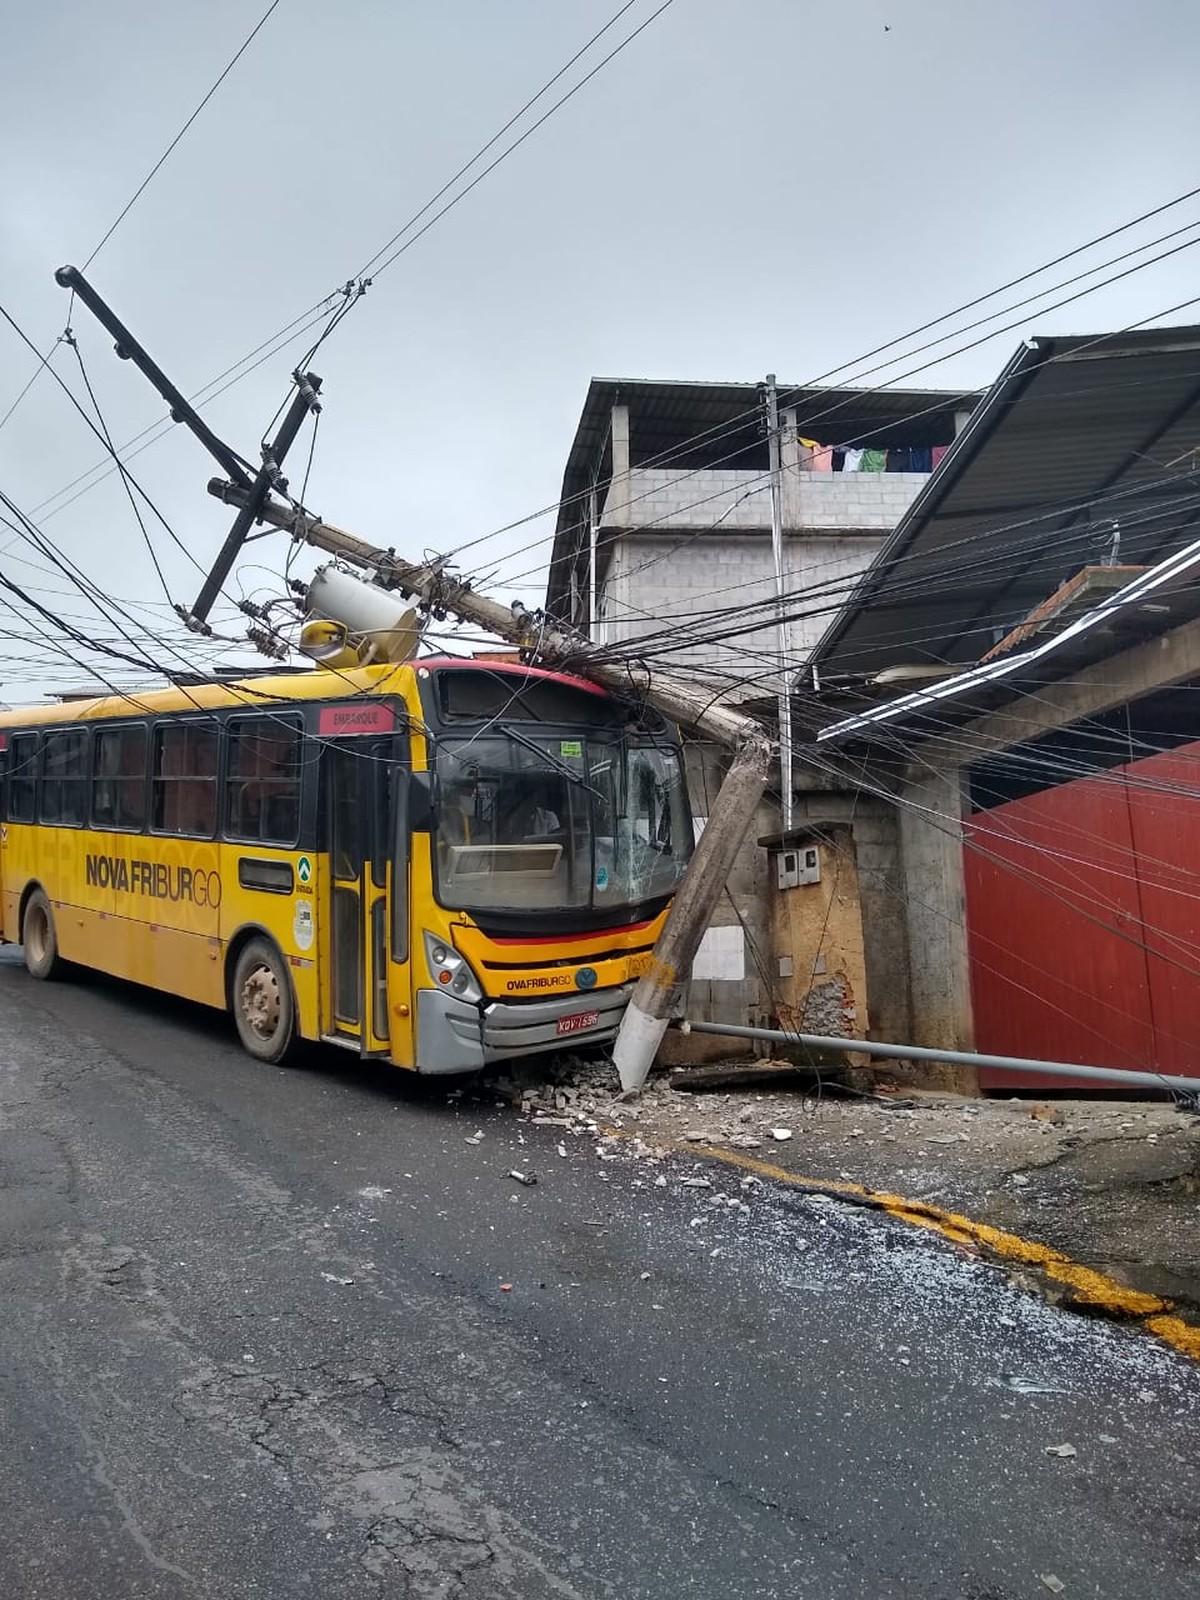 Ônibus bate em poste e deixa moradores sem luz em Nova Friburgo, no RJ; ninguém se feriu - G1